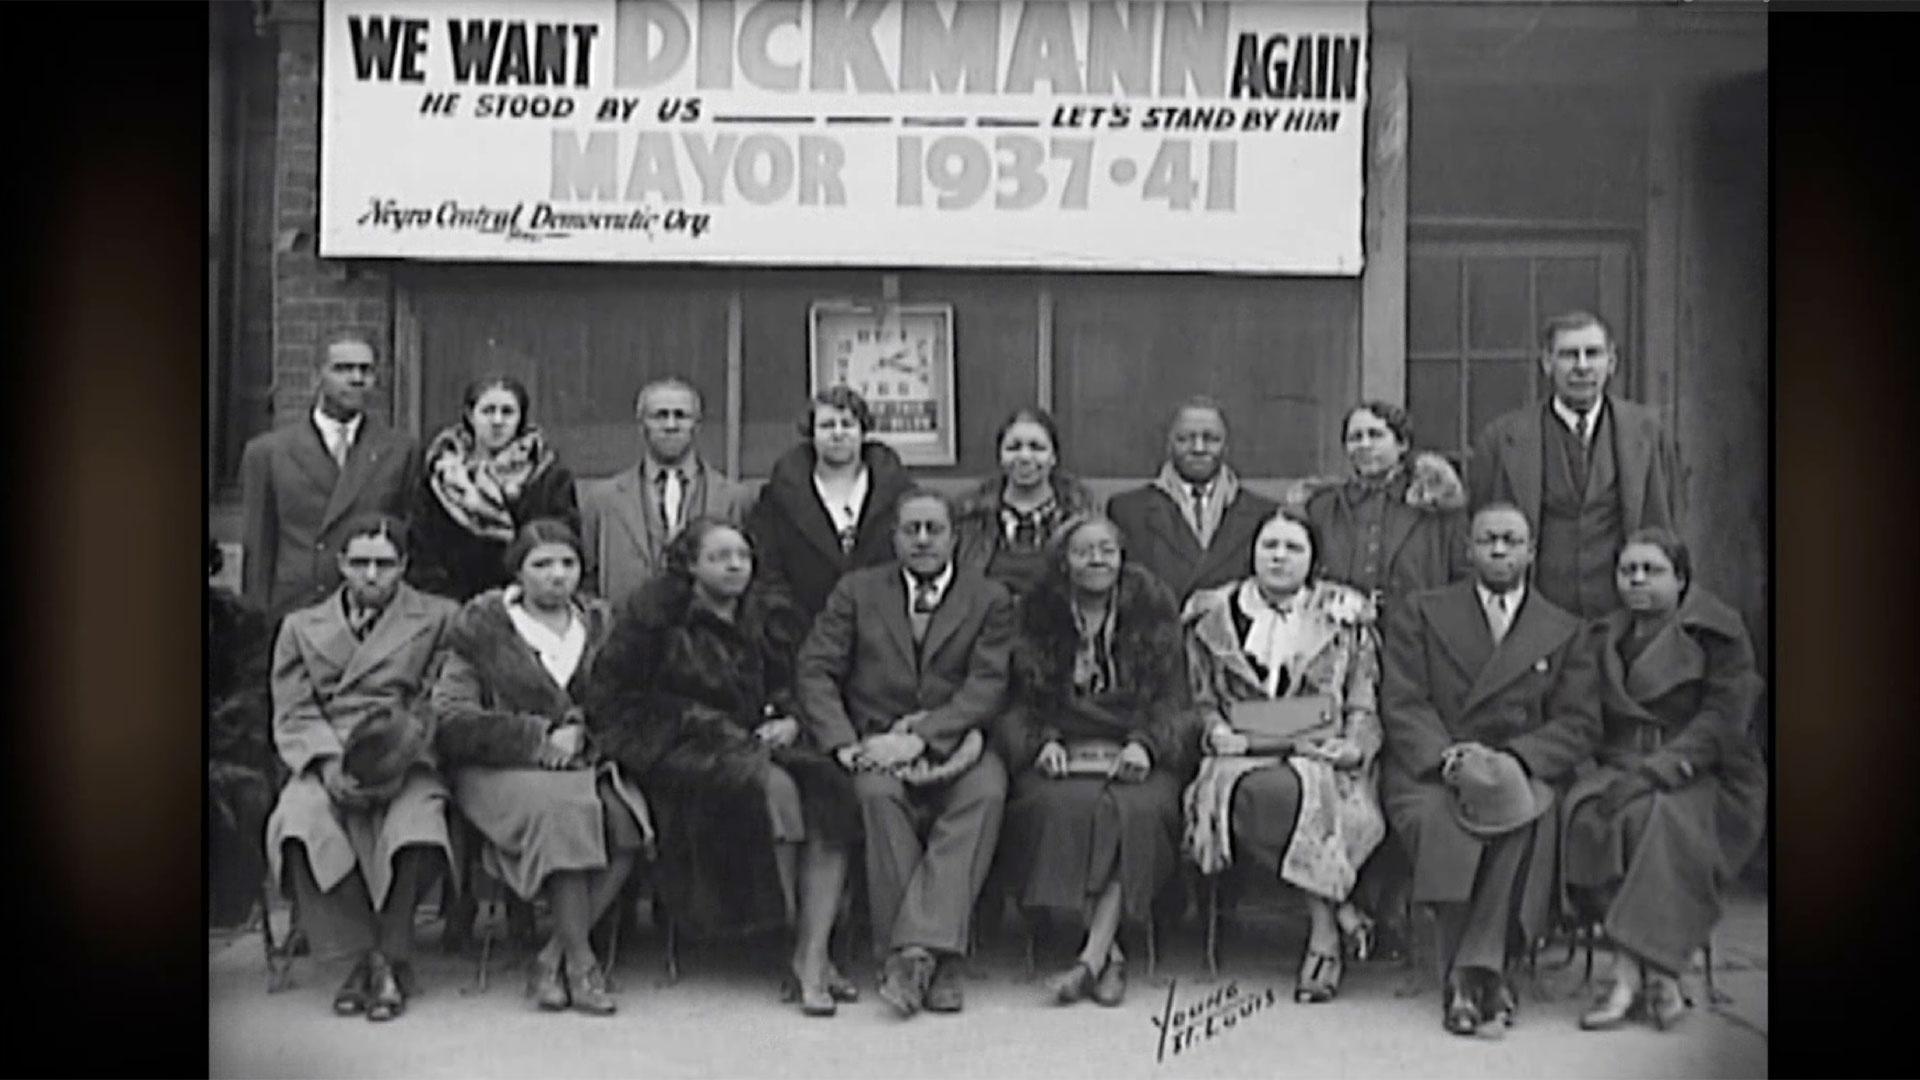 Decades, 1930s: Hard Times, Tough Choices